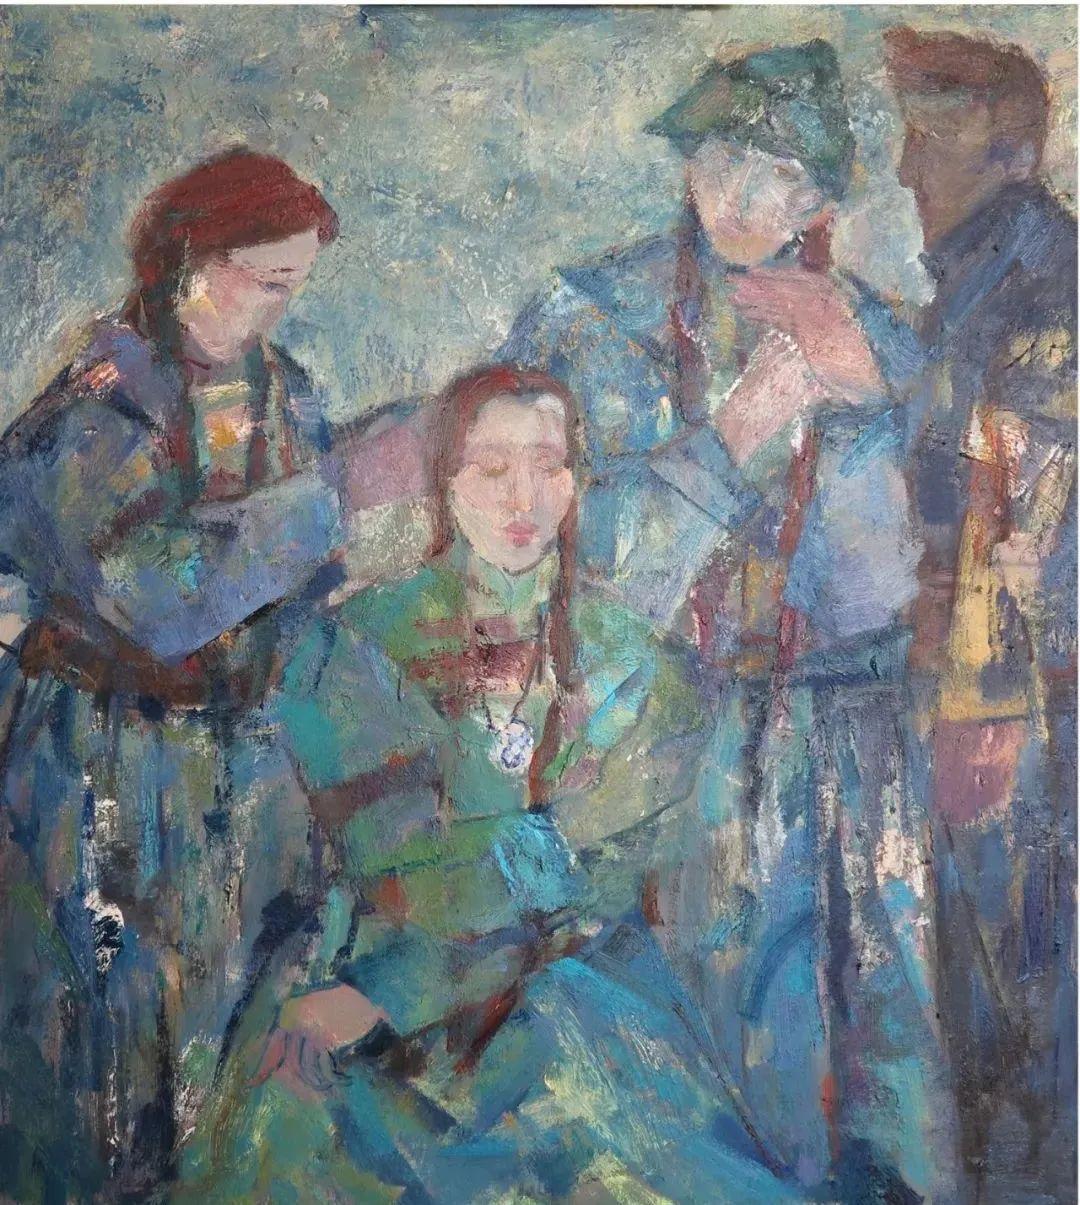 内蒙古当代美术家系列--乌吉斯古楞 第13张 内蒙古当代美术家系列--乌吉斯古楞 蒙古画廊